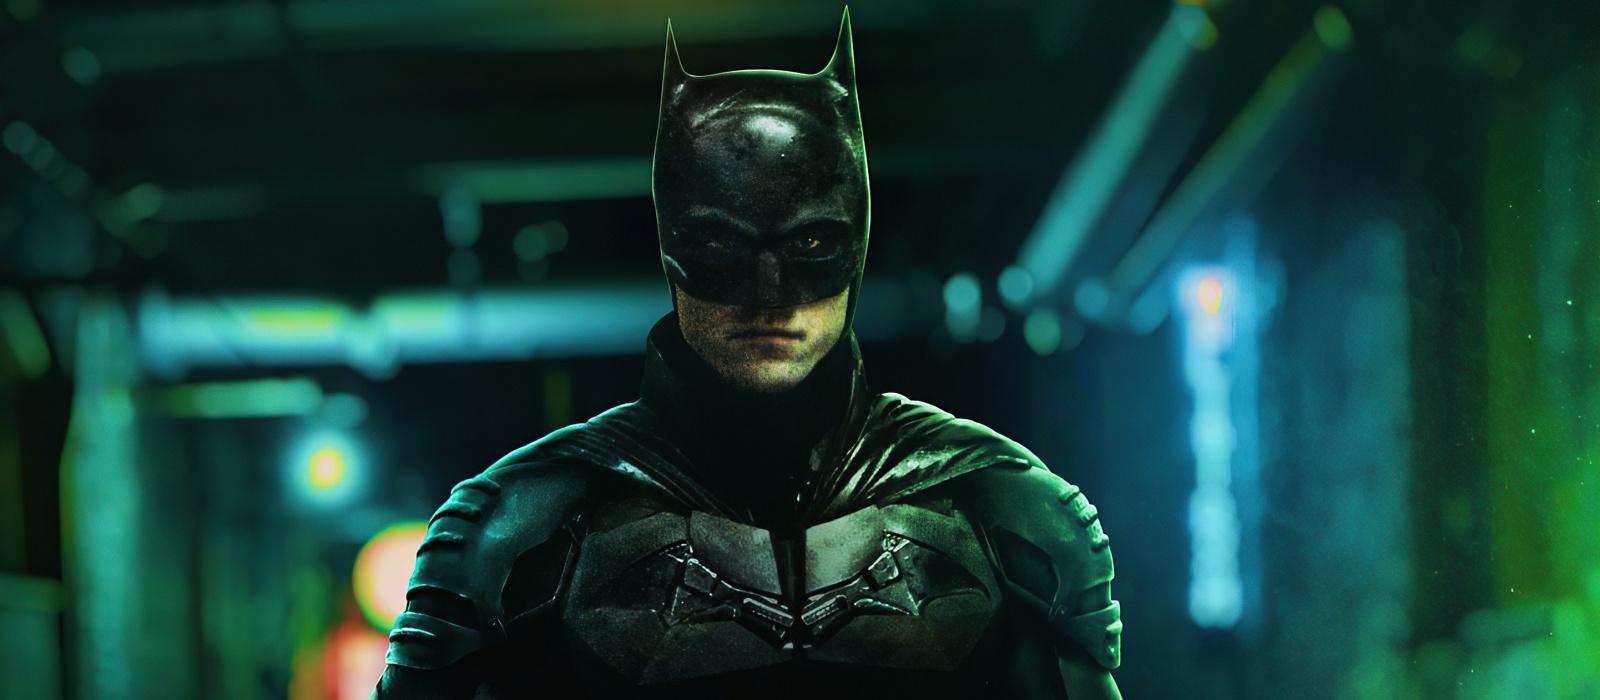 Batman-Regisseur enthüllt noch einen neuen Trailer mit Catwoman ohne ihre Maske